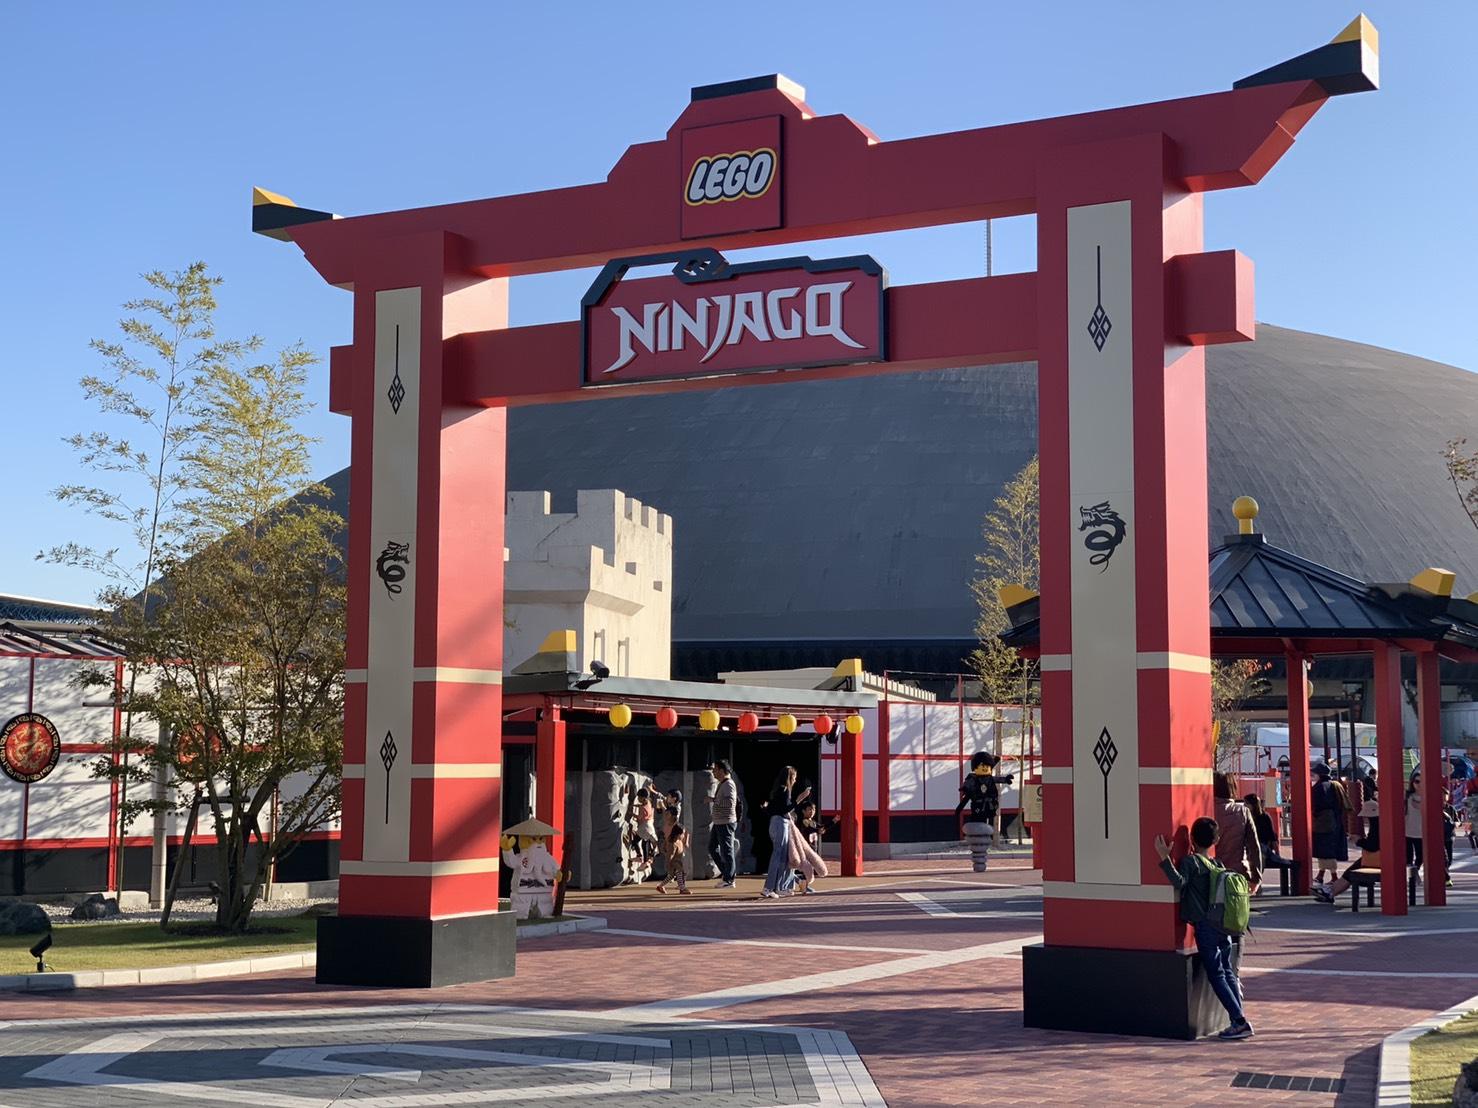 Ninjago園區是樂高樂園最新開放的園區